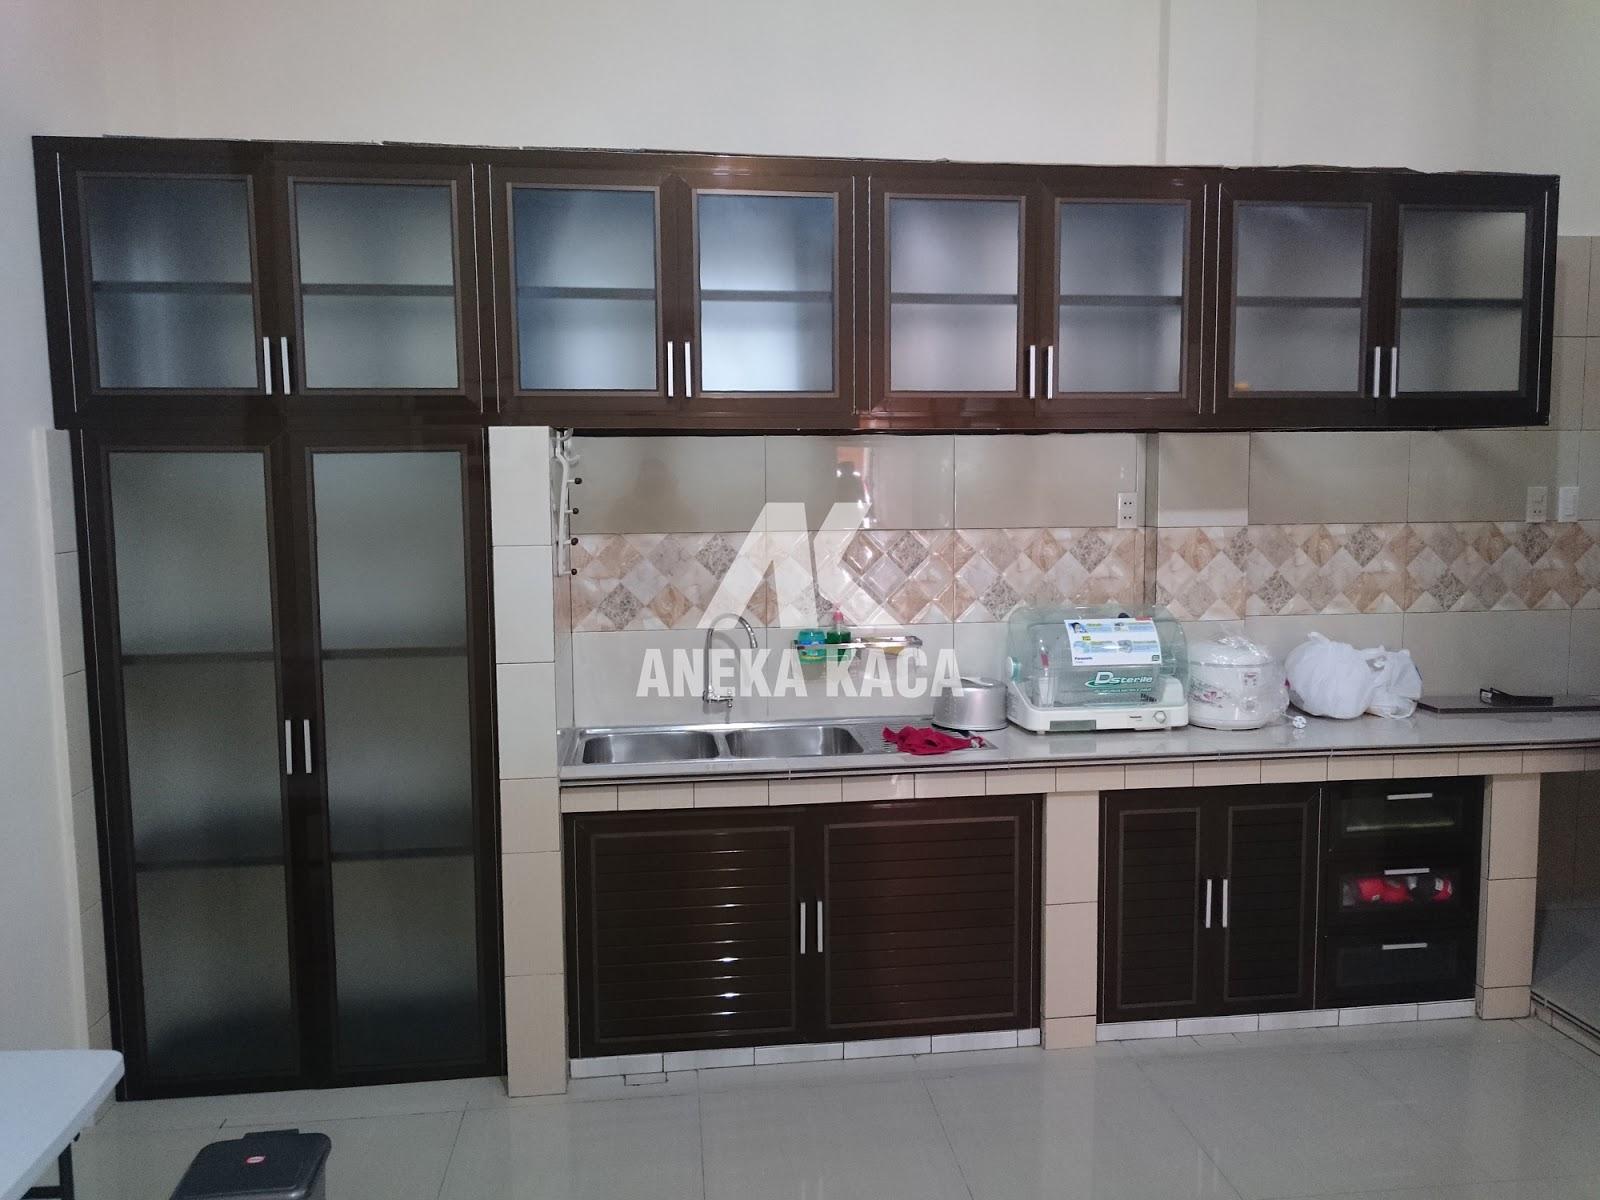 Toko aneka kaca kitchen set aluminium lemari piring for Lemari kitchen set aluminium